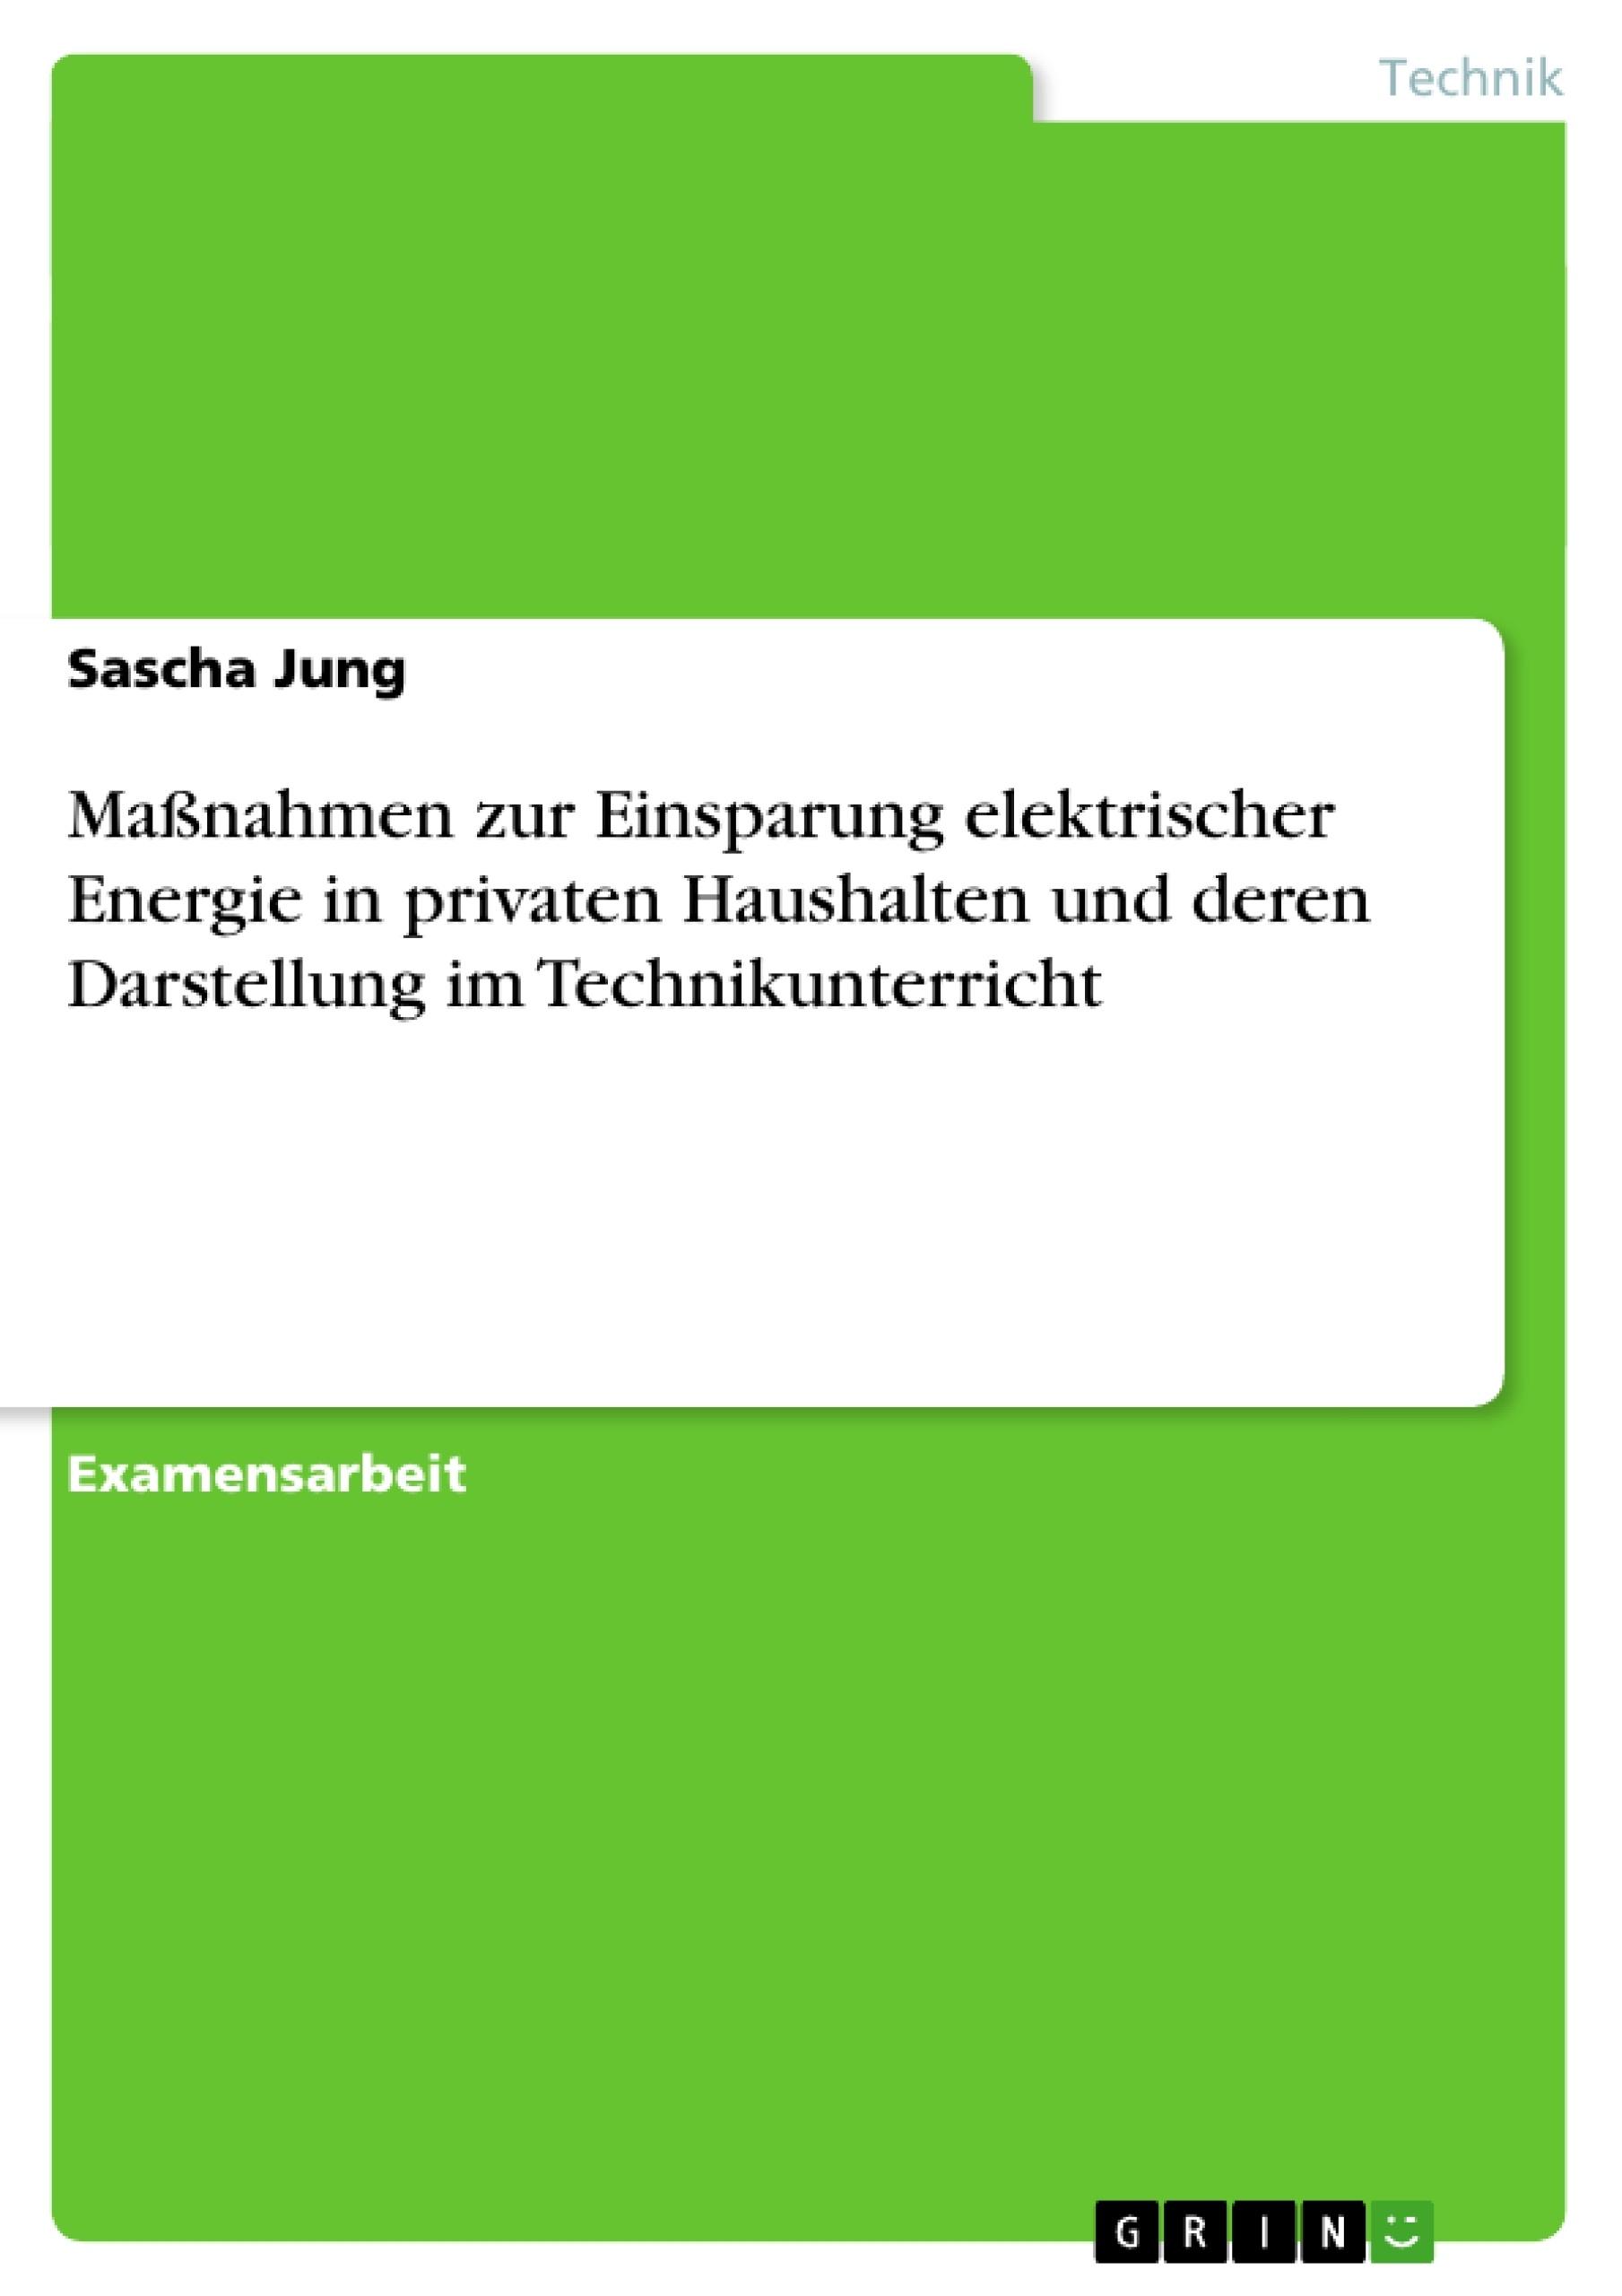 Maßnahmen zur Einsparung elektrischer Energie in privaten ...